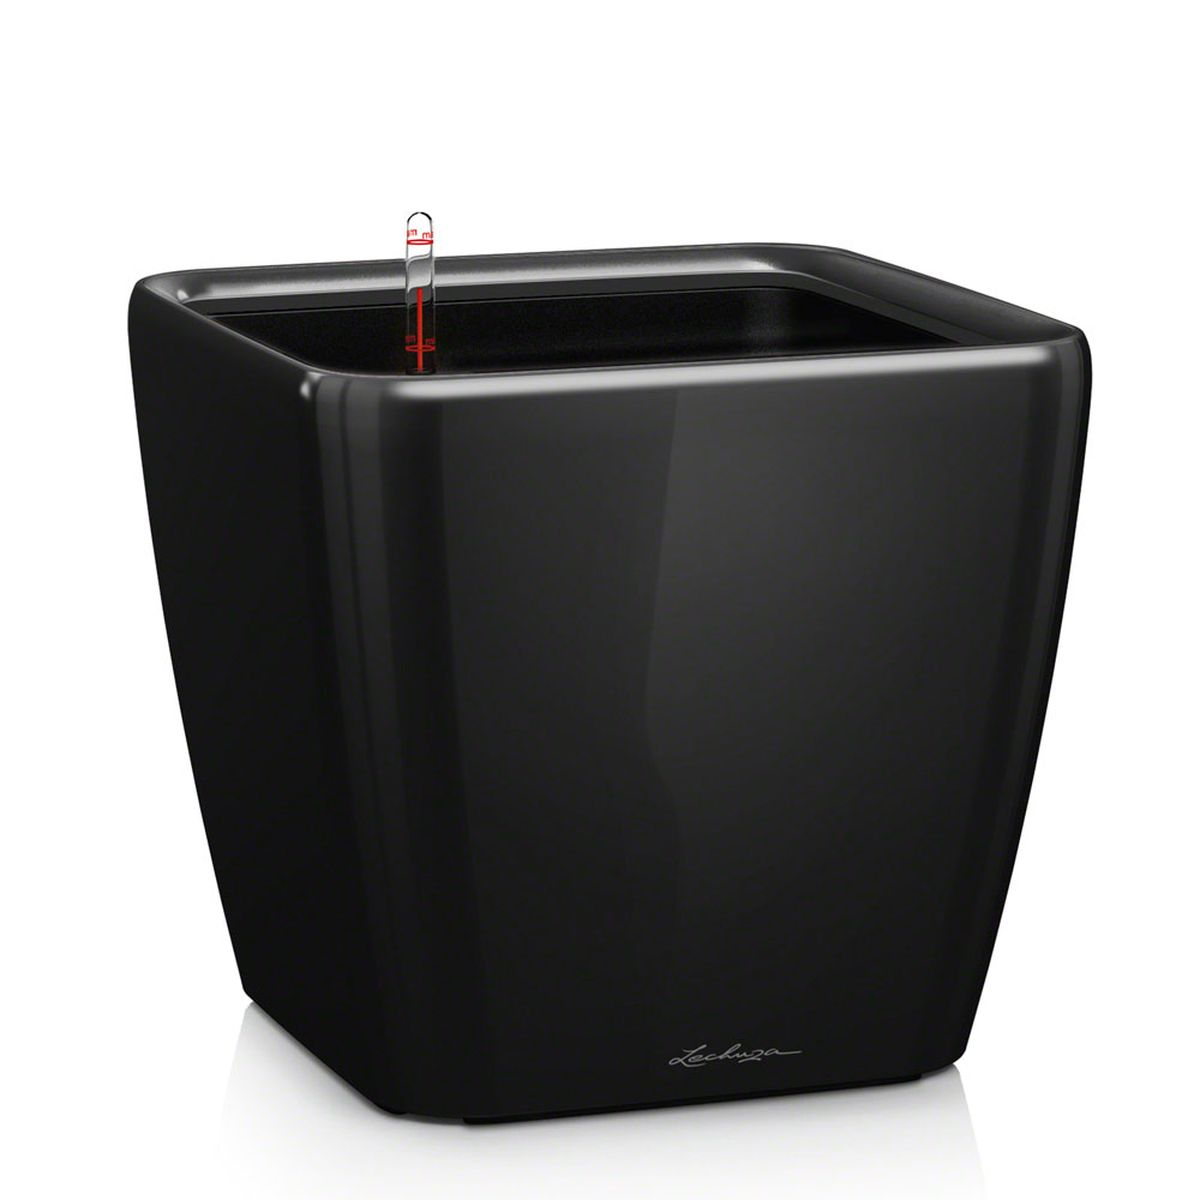 Кашпо Lechuza Quadro, с системой автополива, цвет: черный, 43 х 43 х 40 см16189Кашпо Lechuza Quadro, выполненное из высококачественного пластика, имеет уникальную систему автополива, благодаря которой корневая система растения непрерывно снабжается влагой из резервуара. Уровень воды в резервуаре контролируется с помощью специального индикатора. В зависимости от размера кашпо и растения воды хватает на 2-12 недель. Это способствует хорошему росту цветов и предотвращает переувлажнение.В набор входит: кашпо, внутренний горшок, индикатор уровня воды, вал подачи воды, субстрат растений в качестве дренажного слоя, резервуар для воды. Кашпо Lechuza Quadro прекрасно впишется в любой интерьер. Оно поможет расставить нужные акценты, а также придаст помещению вид, соответствующий вашим представлениям.